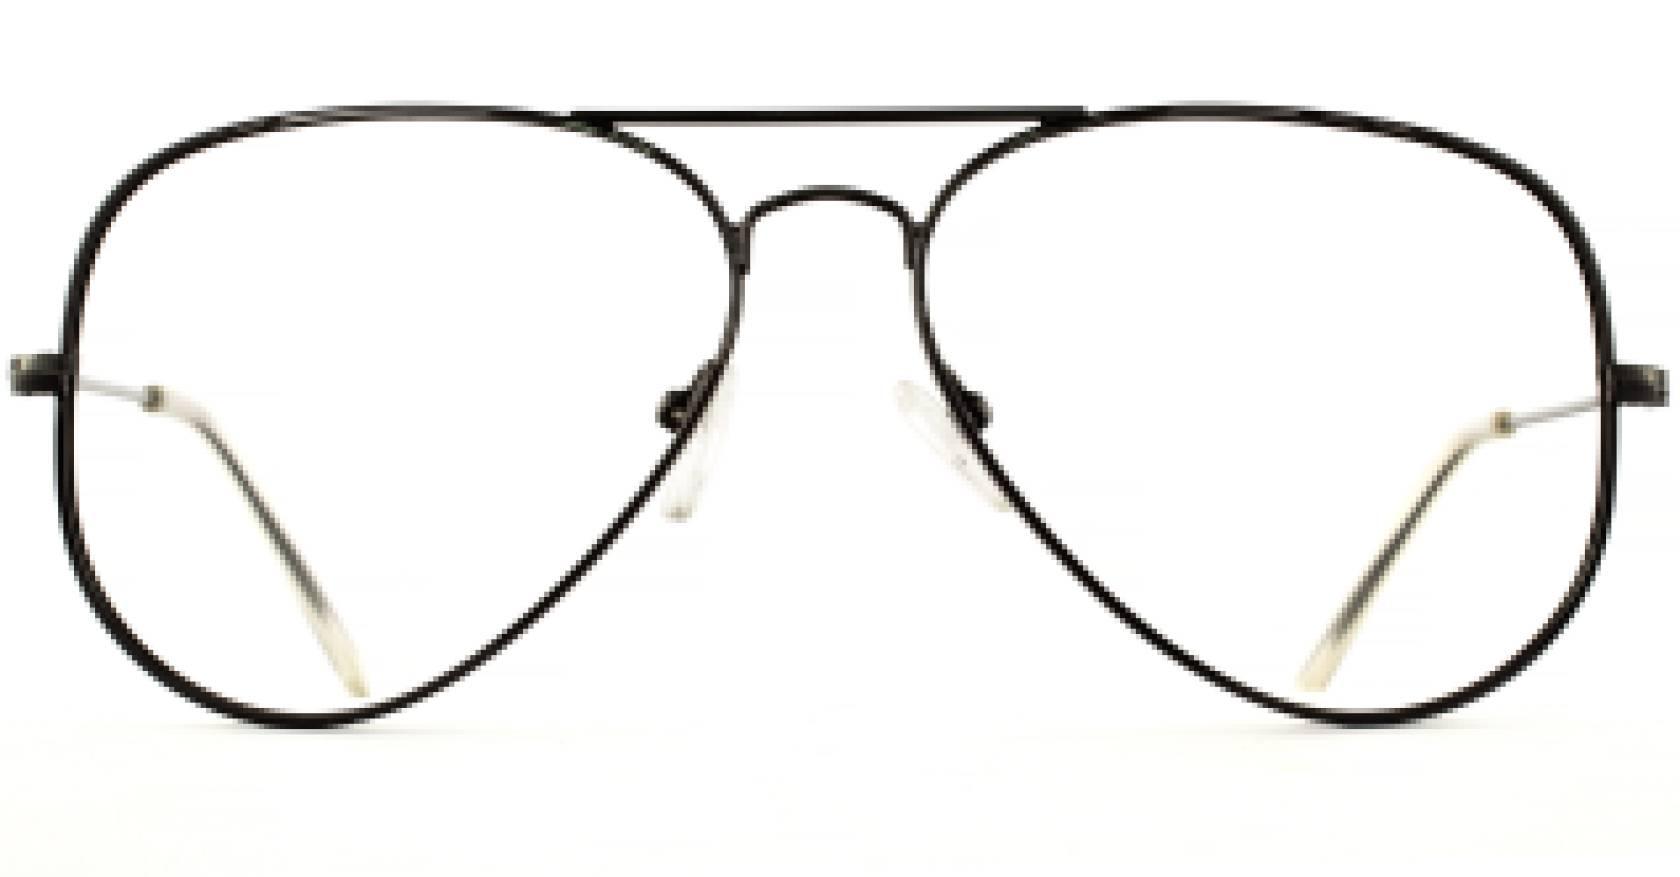 imagen miniatura frontal de la referencia 1001913